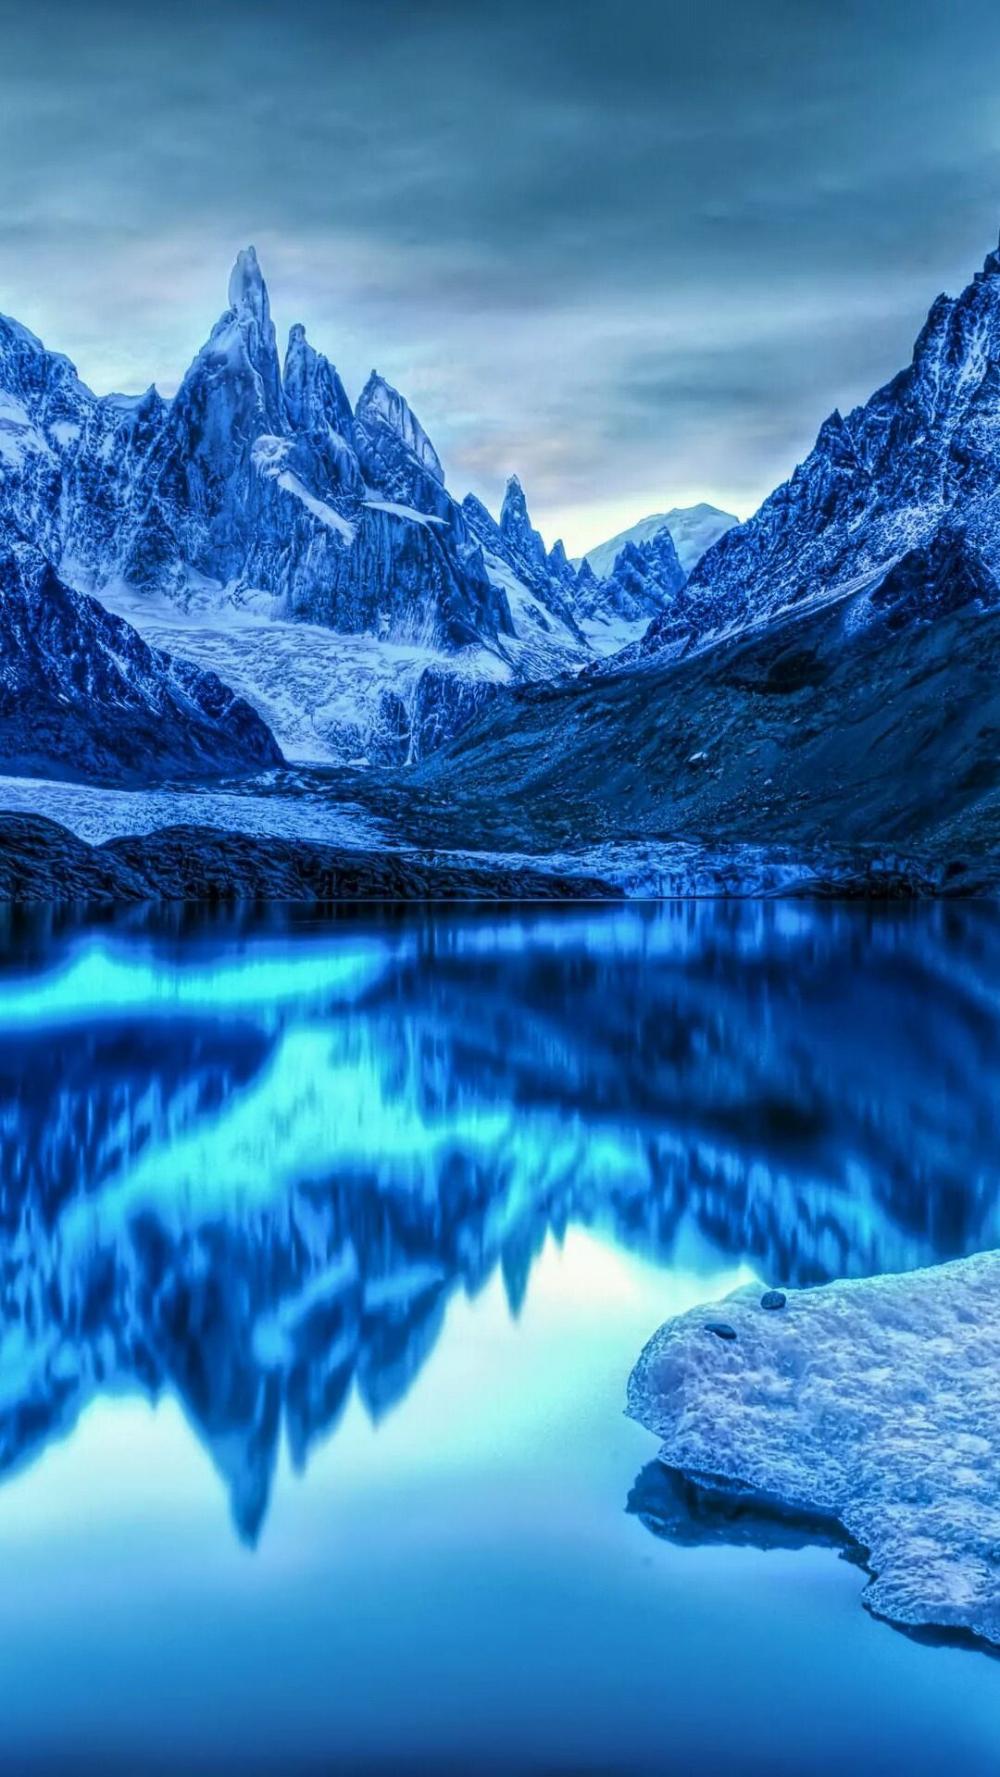 Magnifique paysage / neige / montagne / fond d'écran / glass / lac / ciel / Wallpaper - Euror #fondecranhiver